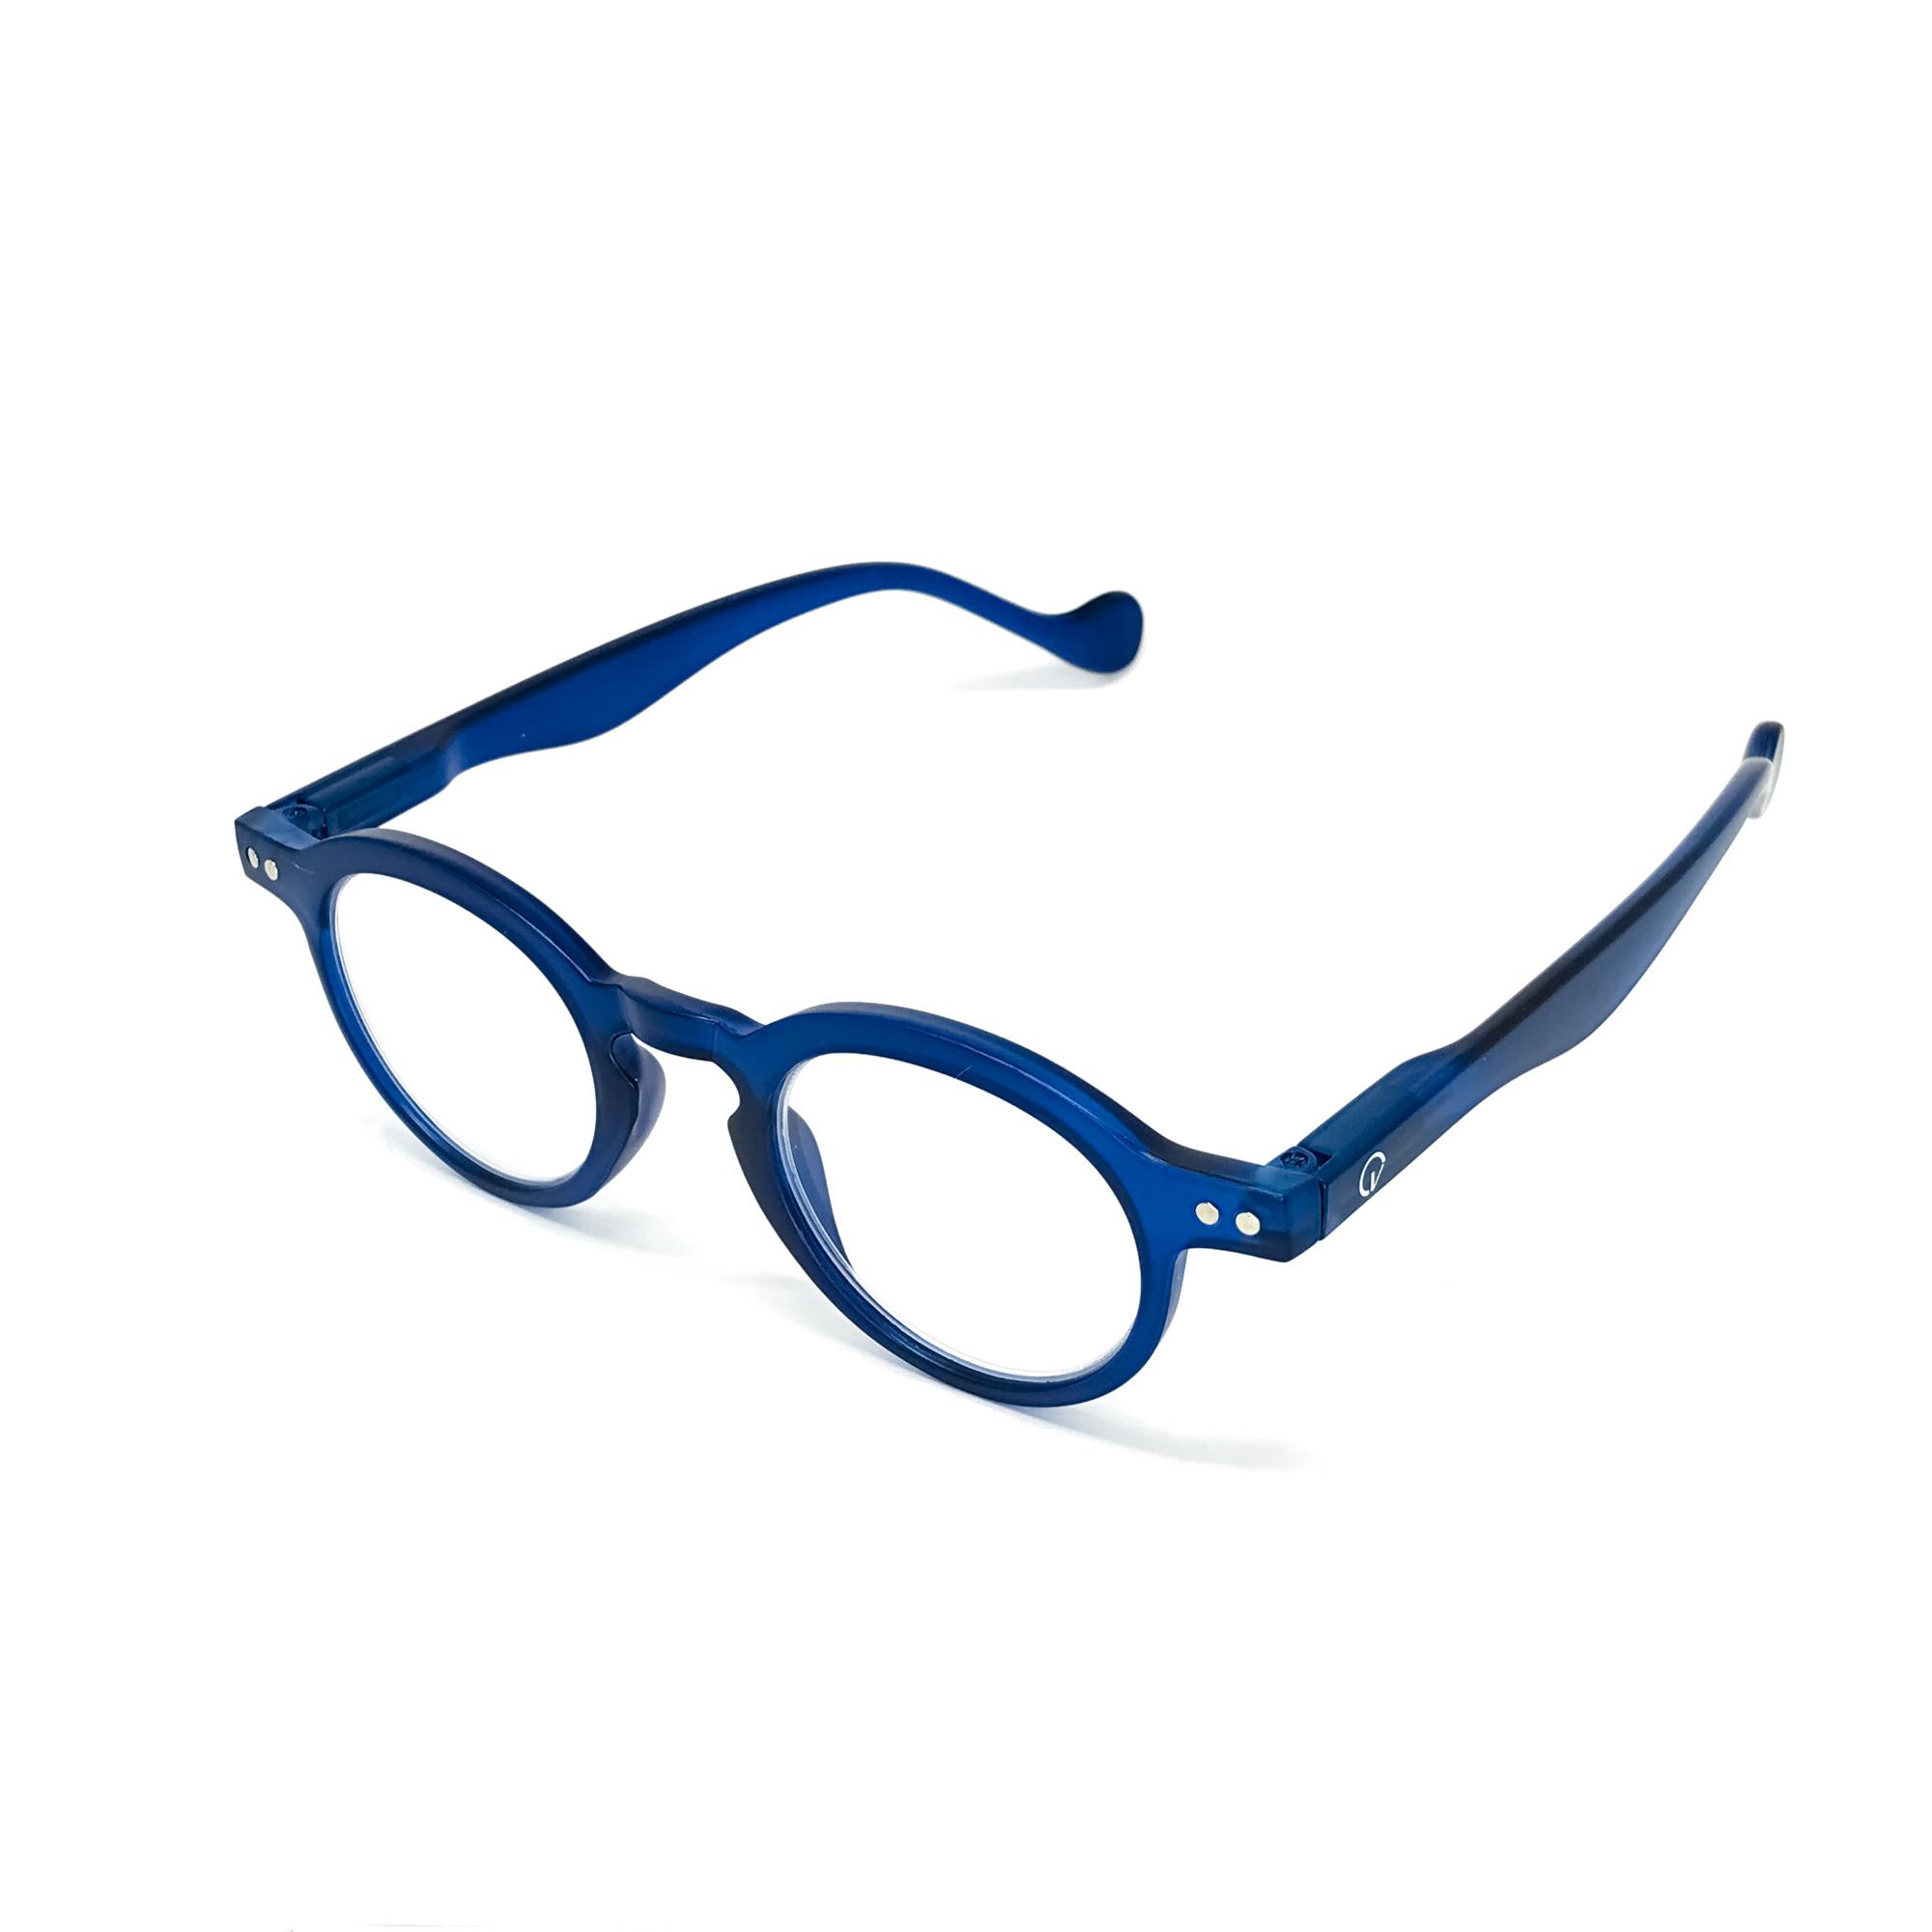 0860054-Óculos Leitura Redondo Azul +2,50 - Contém 1 Peça  - SOB ENCOMENDA